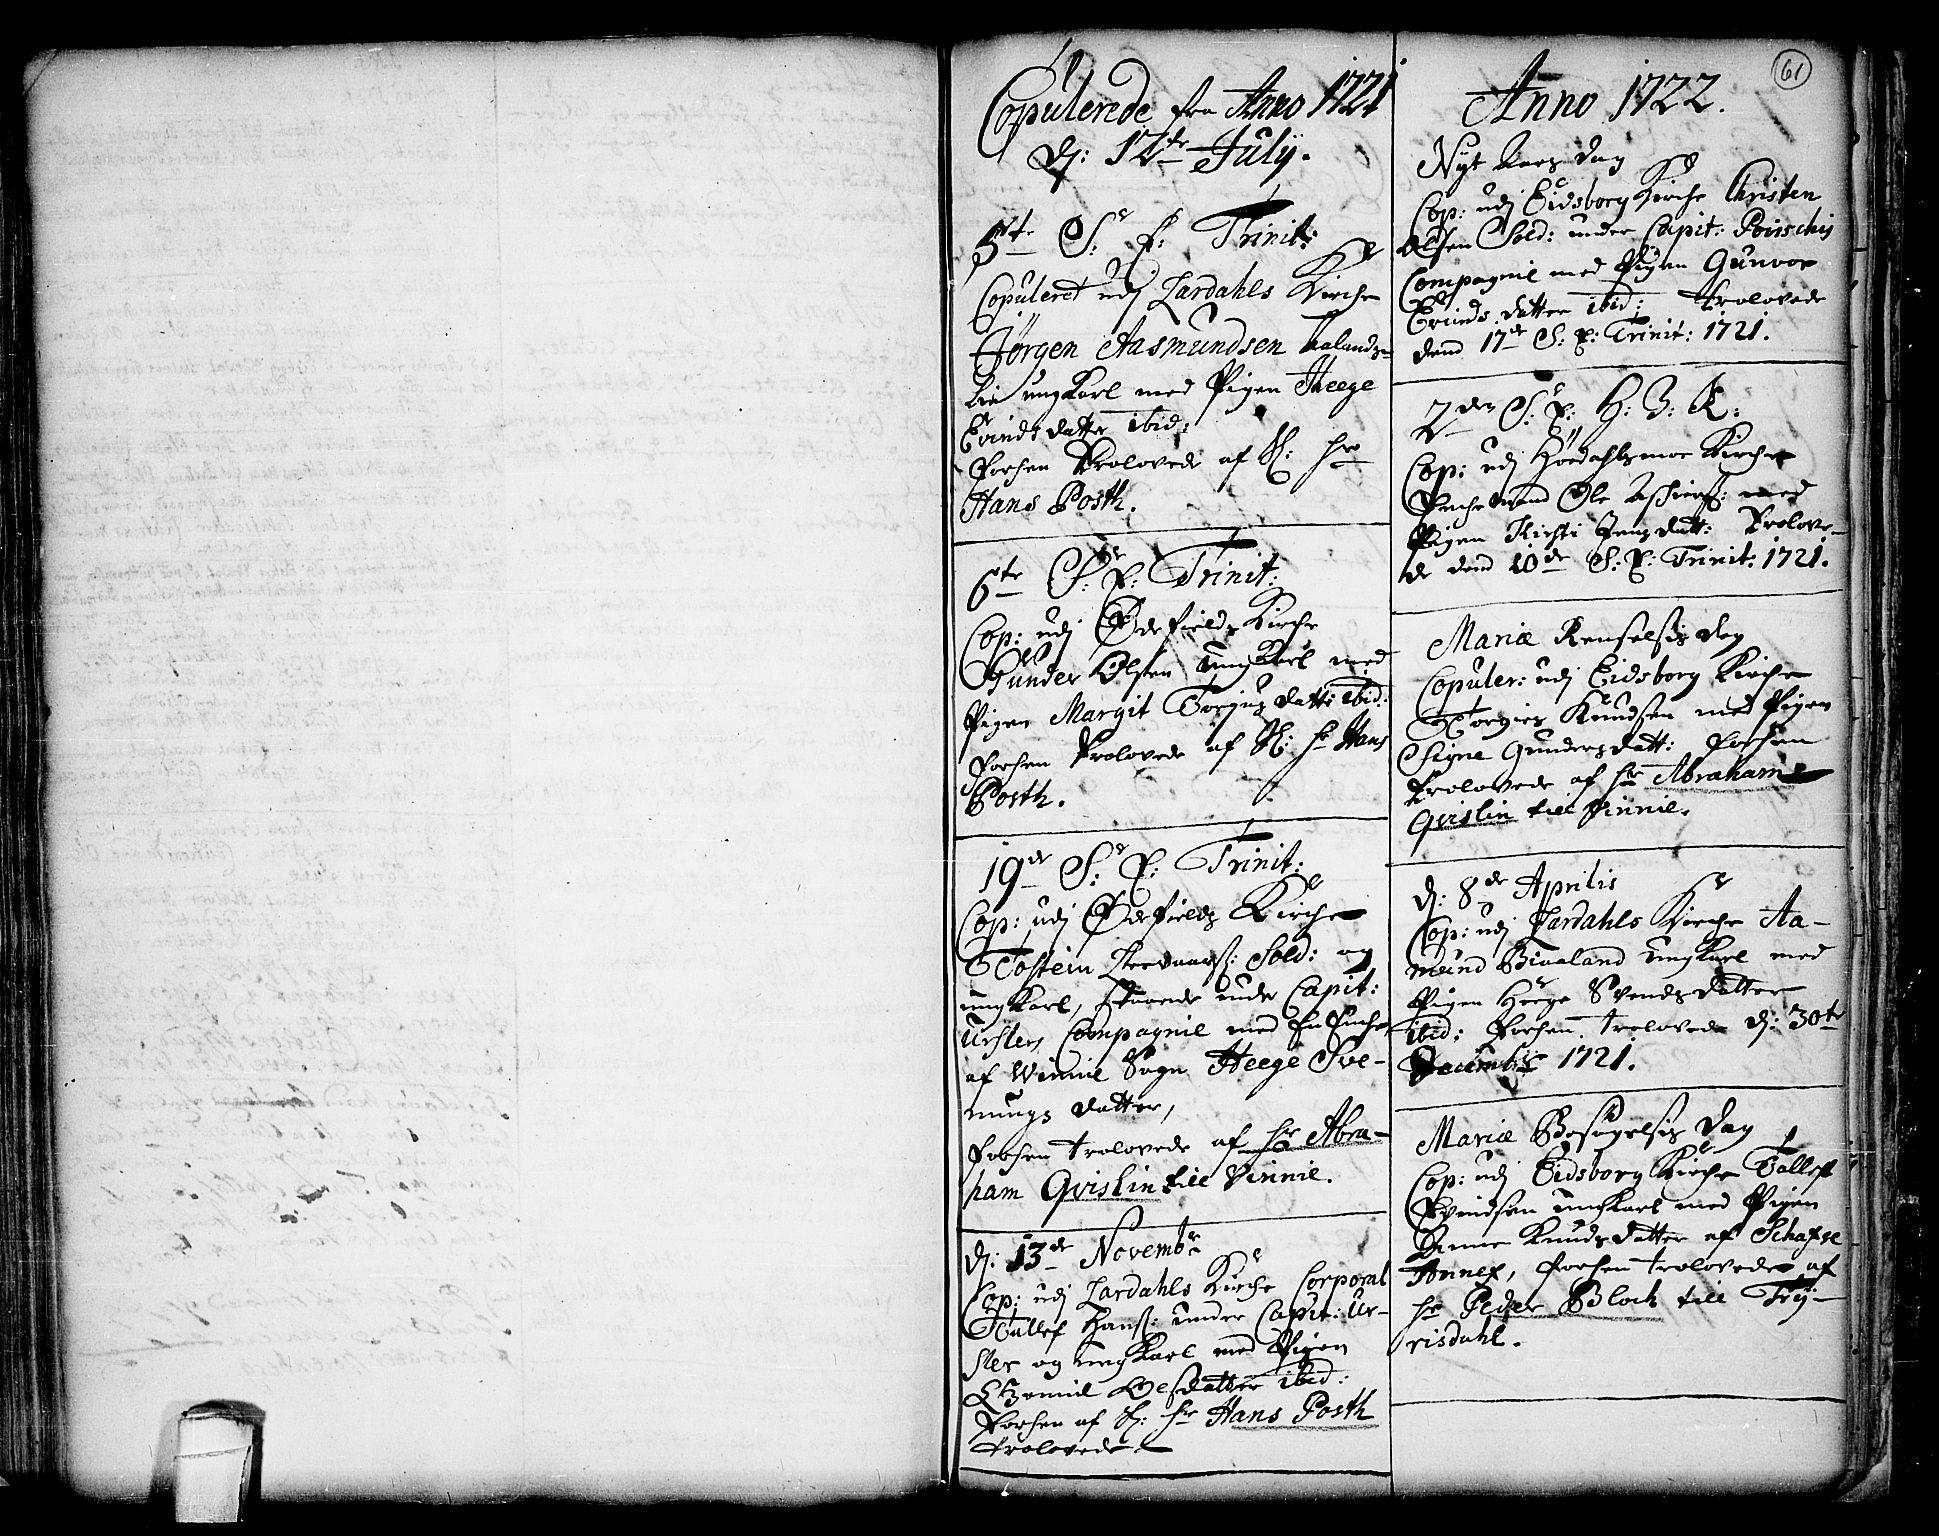 SAKO, Lårdal kirkebøker, F/Fa/L0001: Ministerialbok nr. I 1, 1721-1734, s. 61